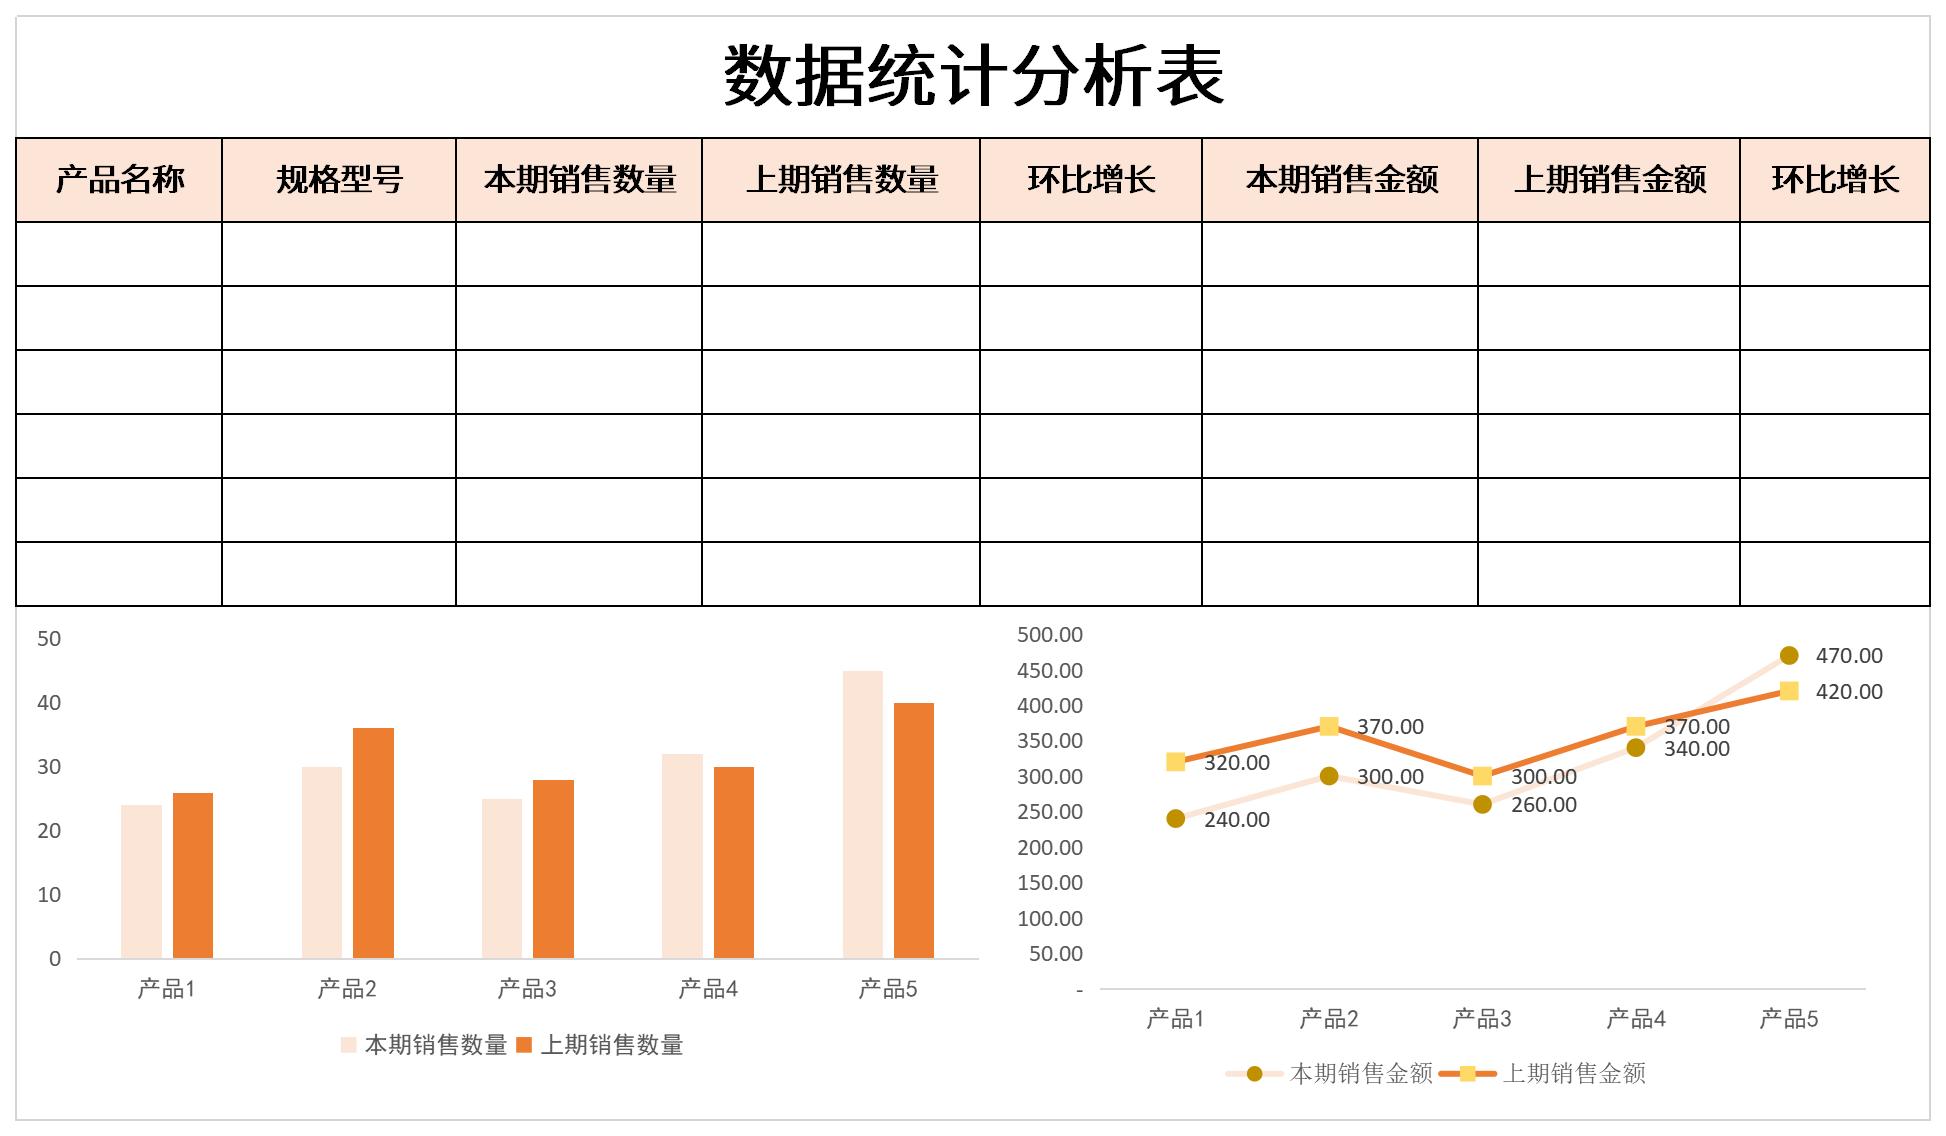 数据统计分析表截图